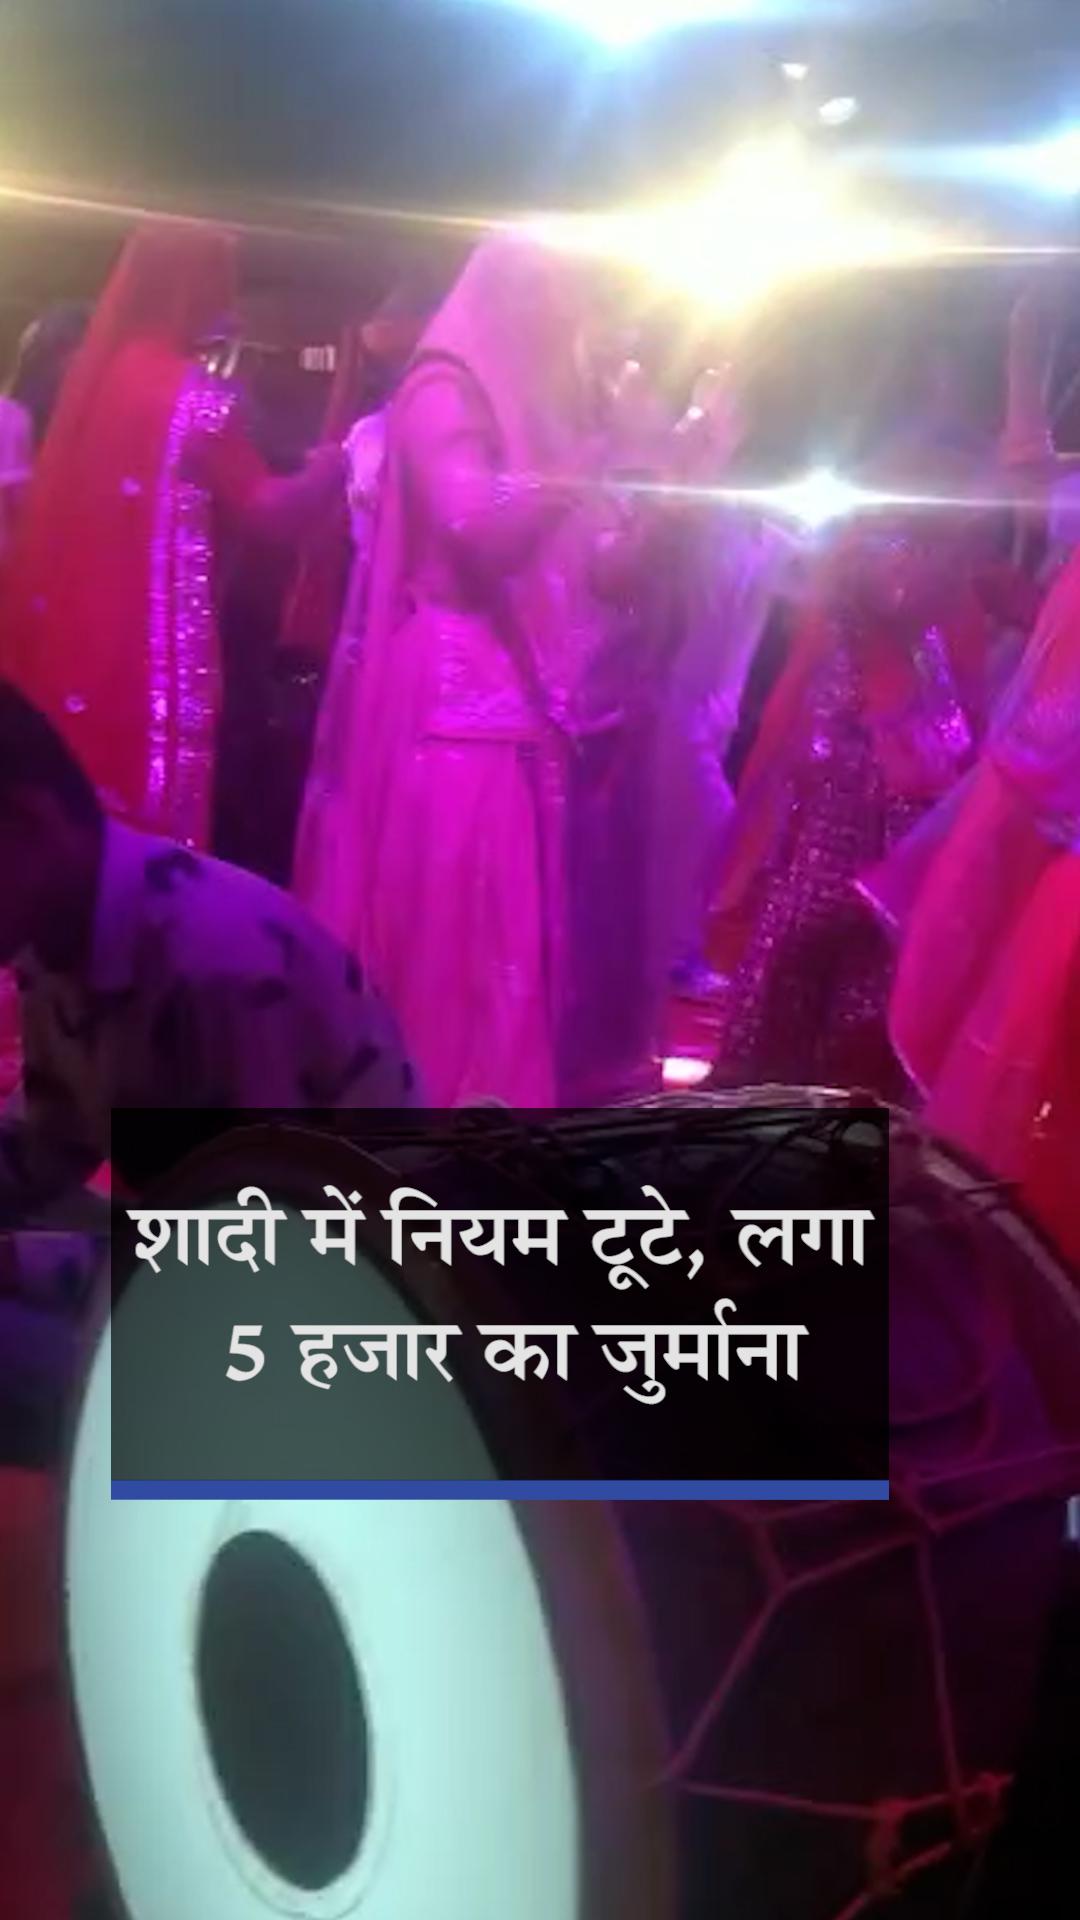 शादी समारोह में न सोशल डिस्टेंसिंग का पालन, न ही लोगों ने मास्क लगाया; आधी रात में तहसीलदार व कोतवाल ने की कार्रवाई|नागौर,Nagaur - Dainik Bhaskar